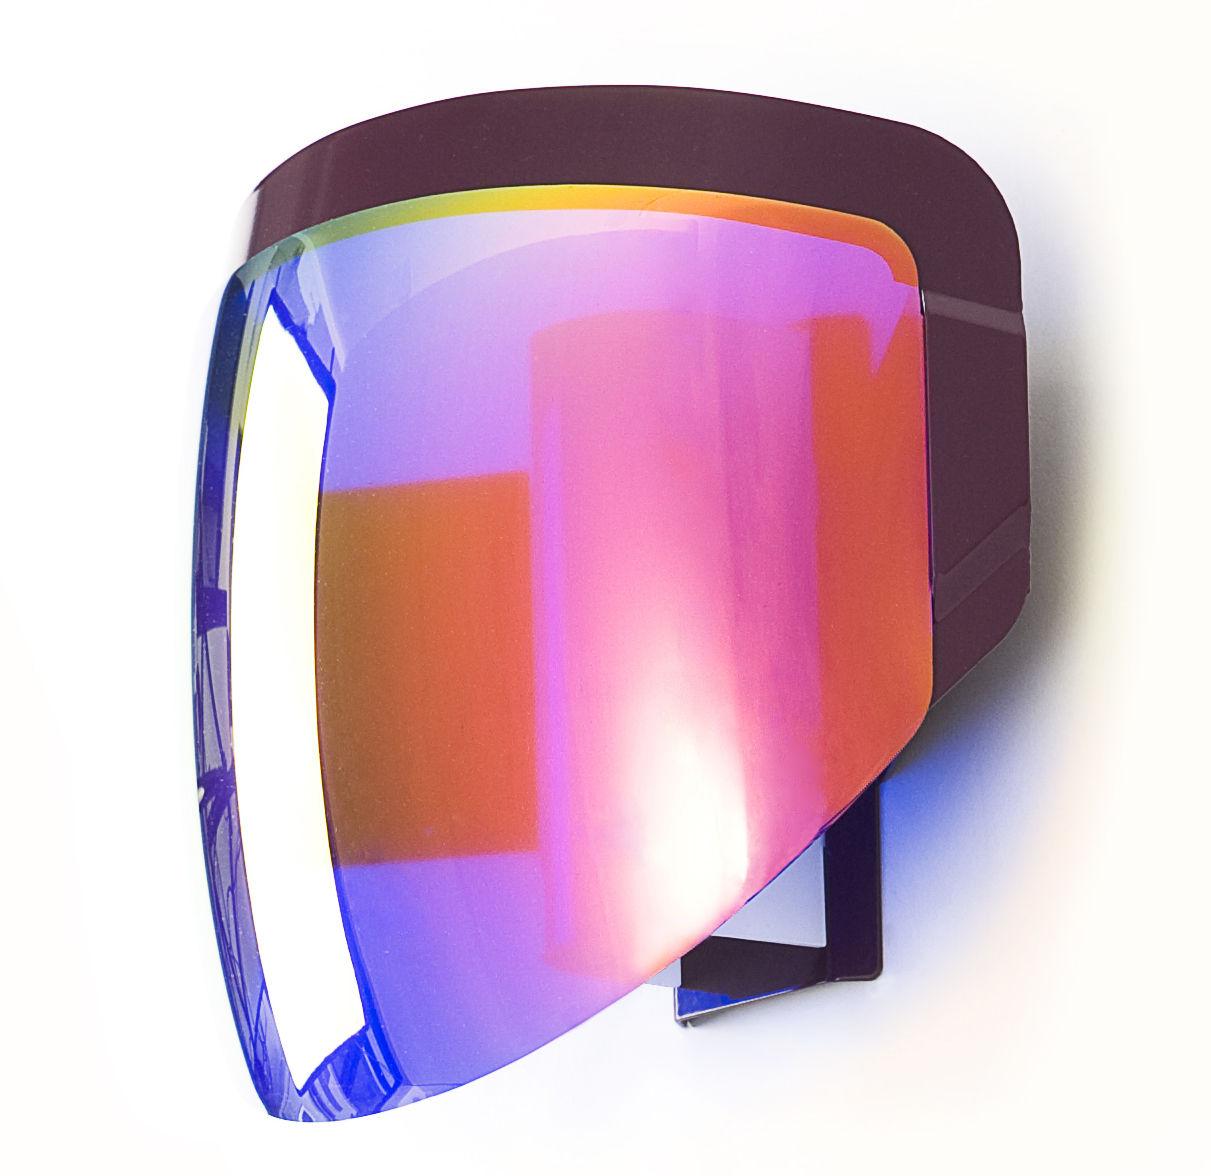 Applique Moto : Une visière de casque de moto transformée en applique par Moustache